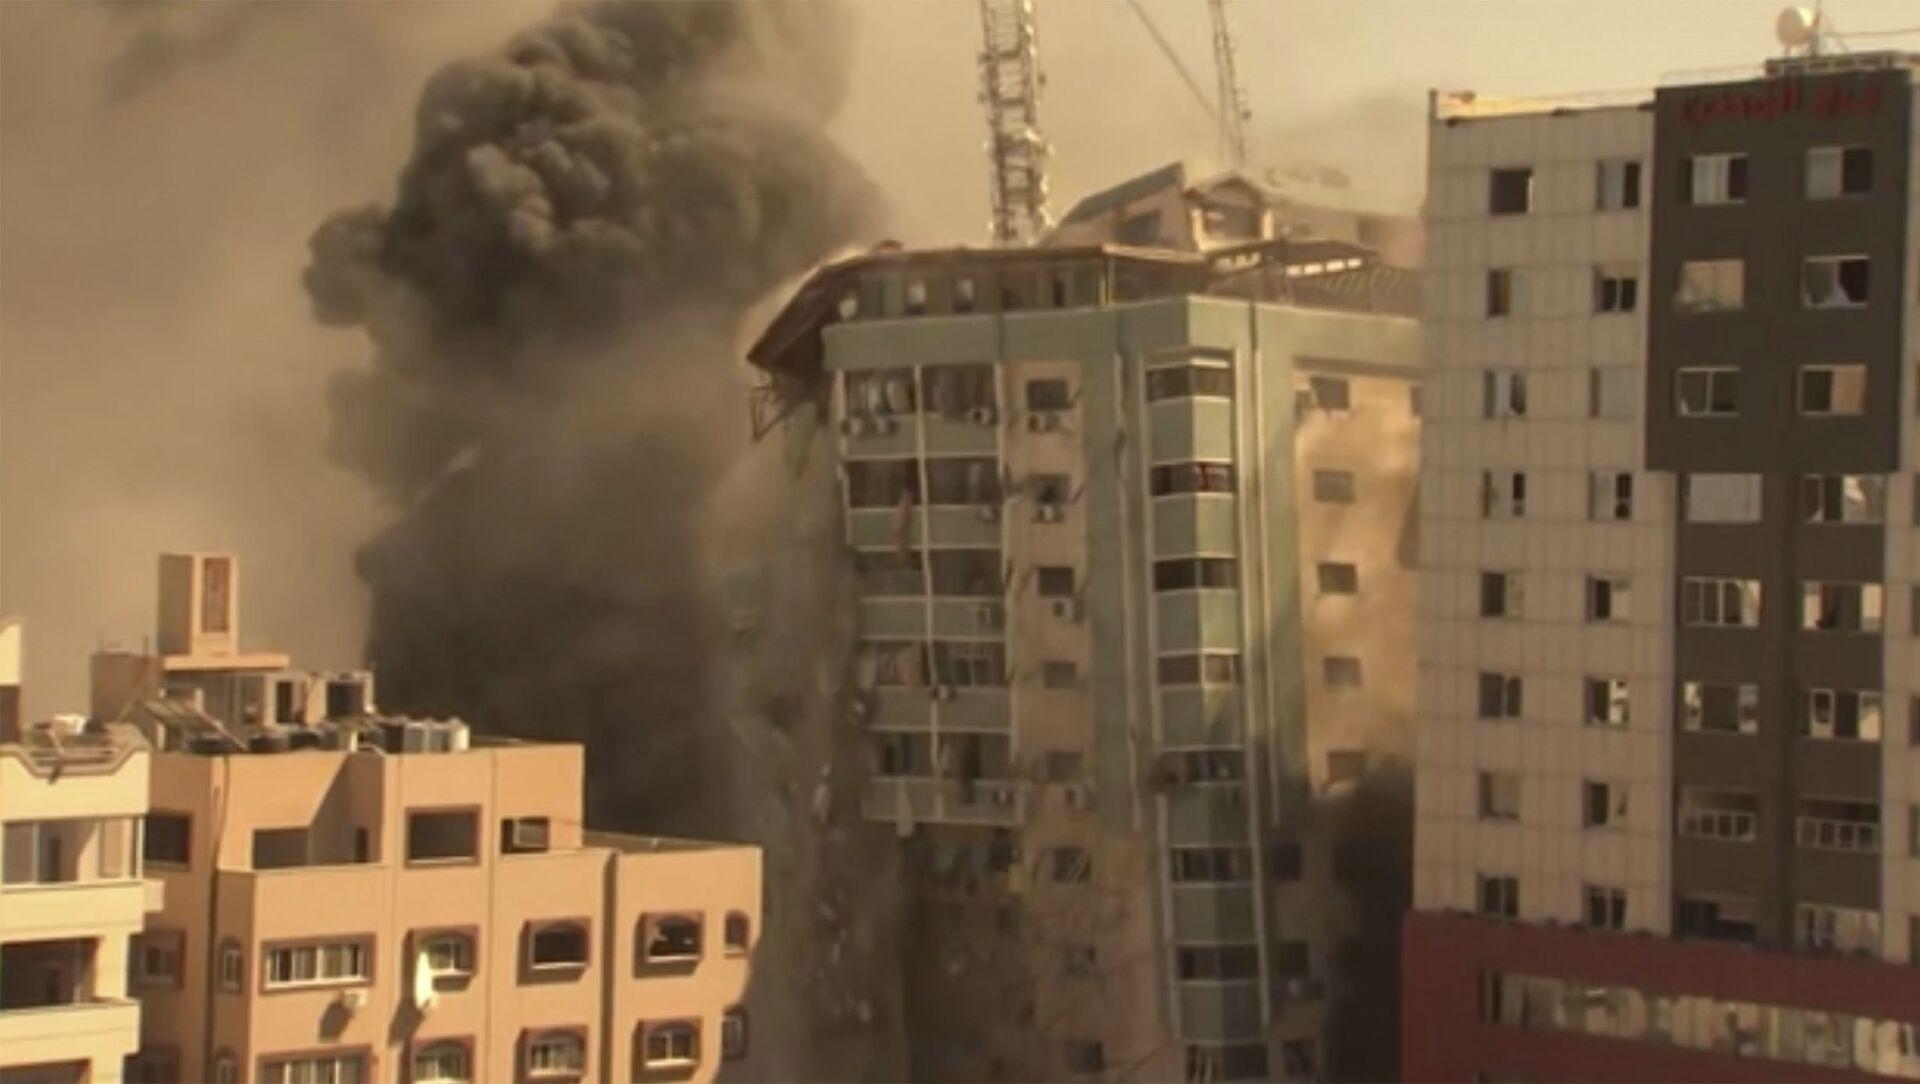 Рушење зграде у Гази током израелског бомбардовања - Sputnik Србија, 1920, 16.05.2021